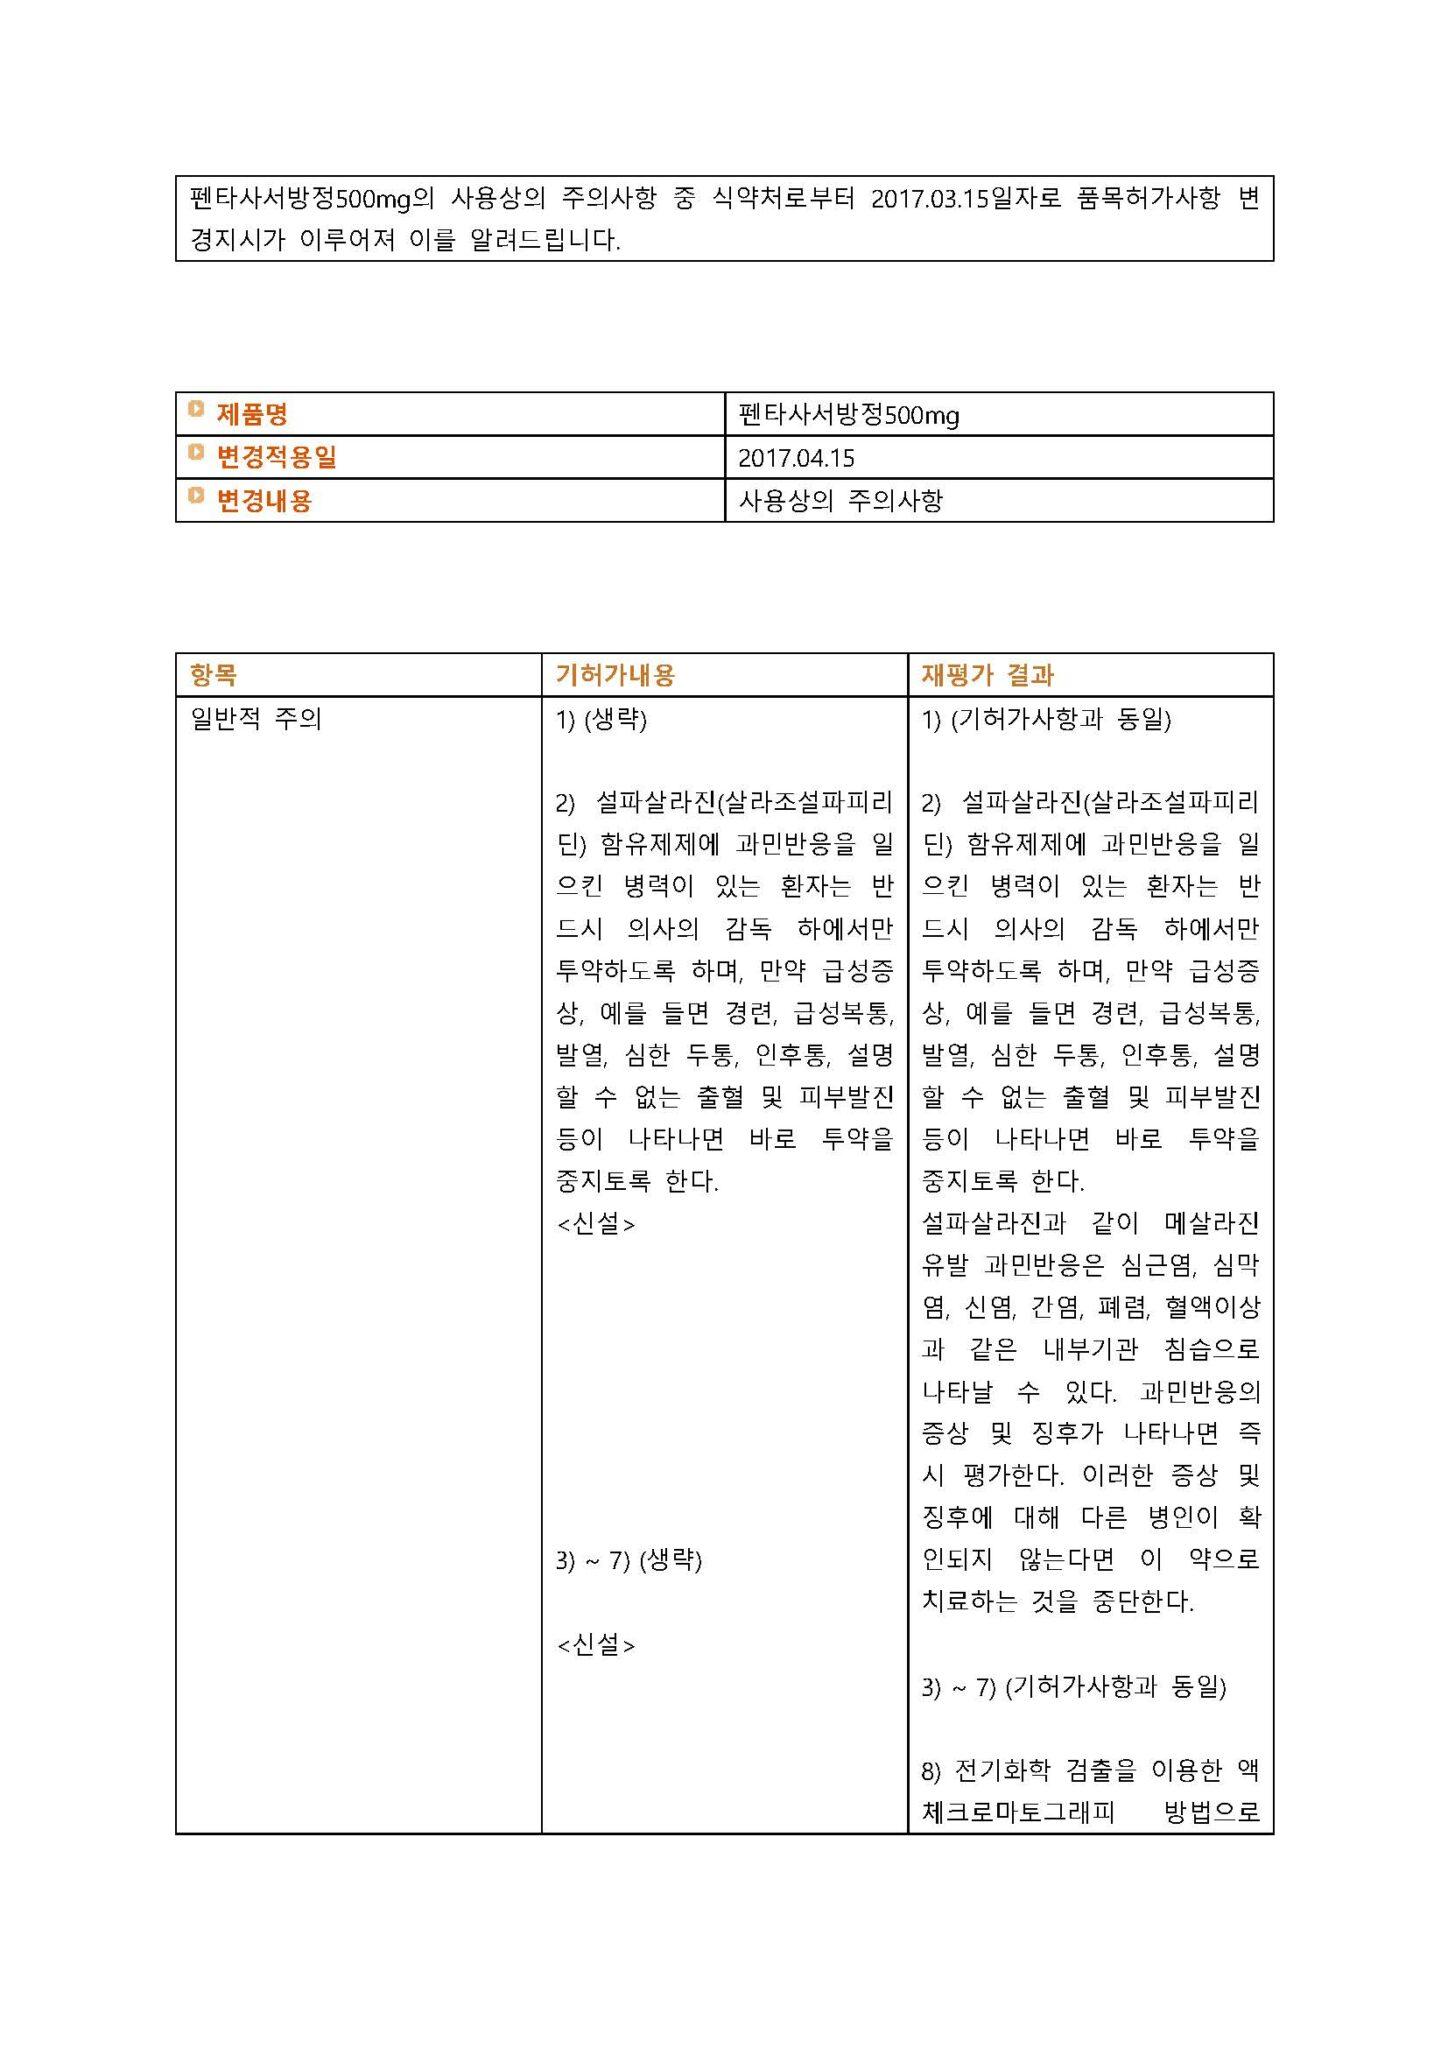 펜타사서방정500mg 변경일 2017.04.15